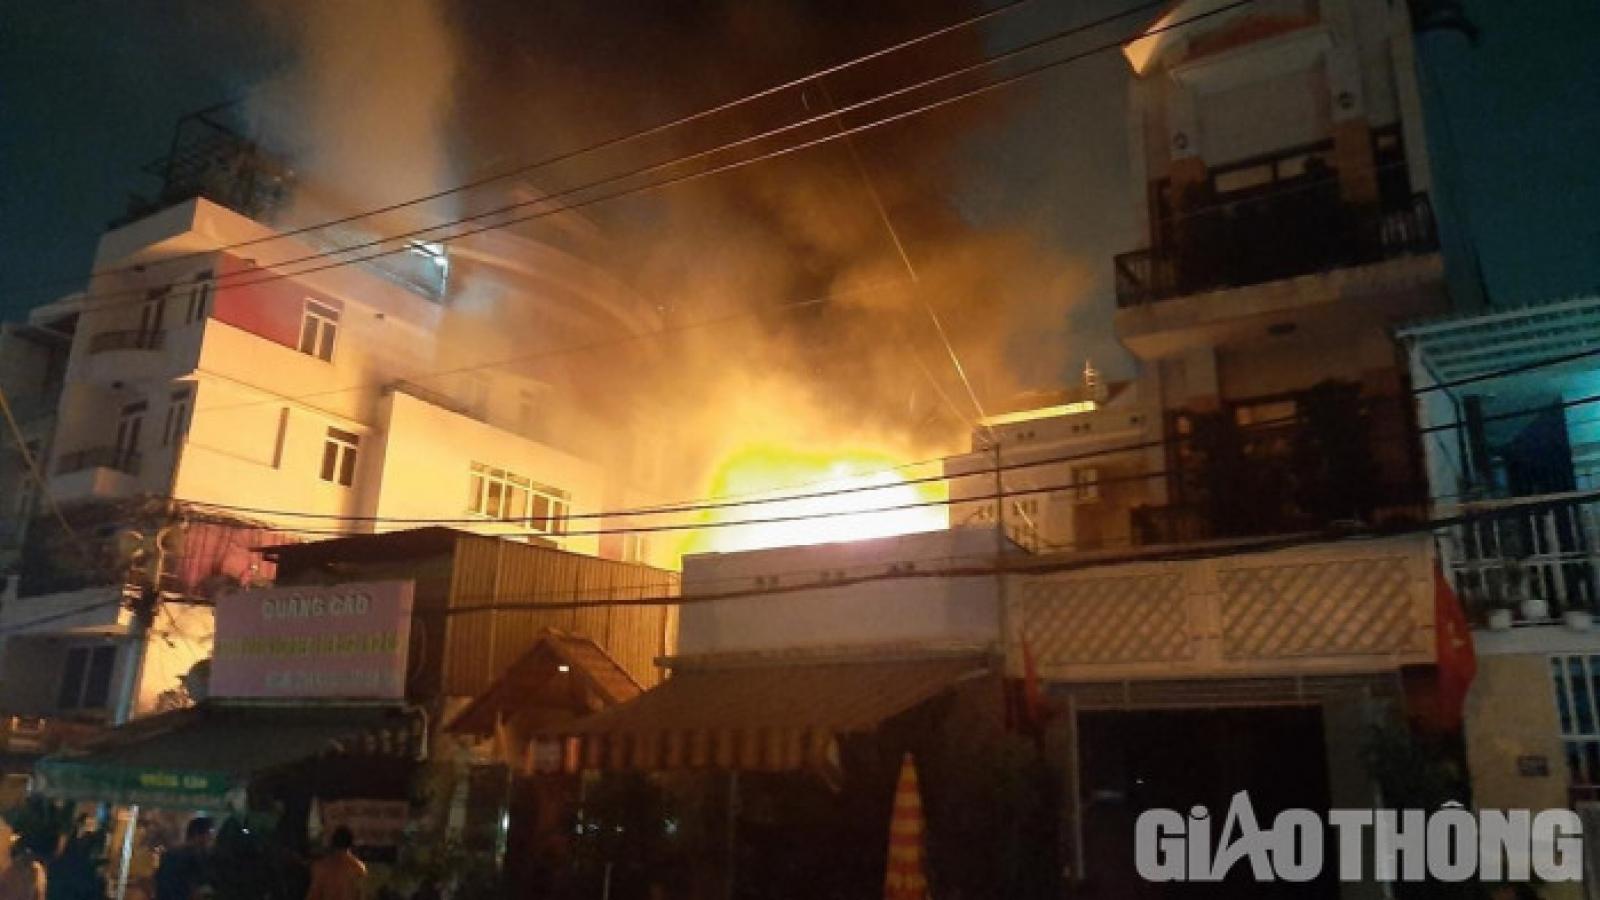 Cháy dữ dội ở cửa hàng đồ cũ trong khu dân cư tại TPHCM